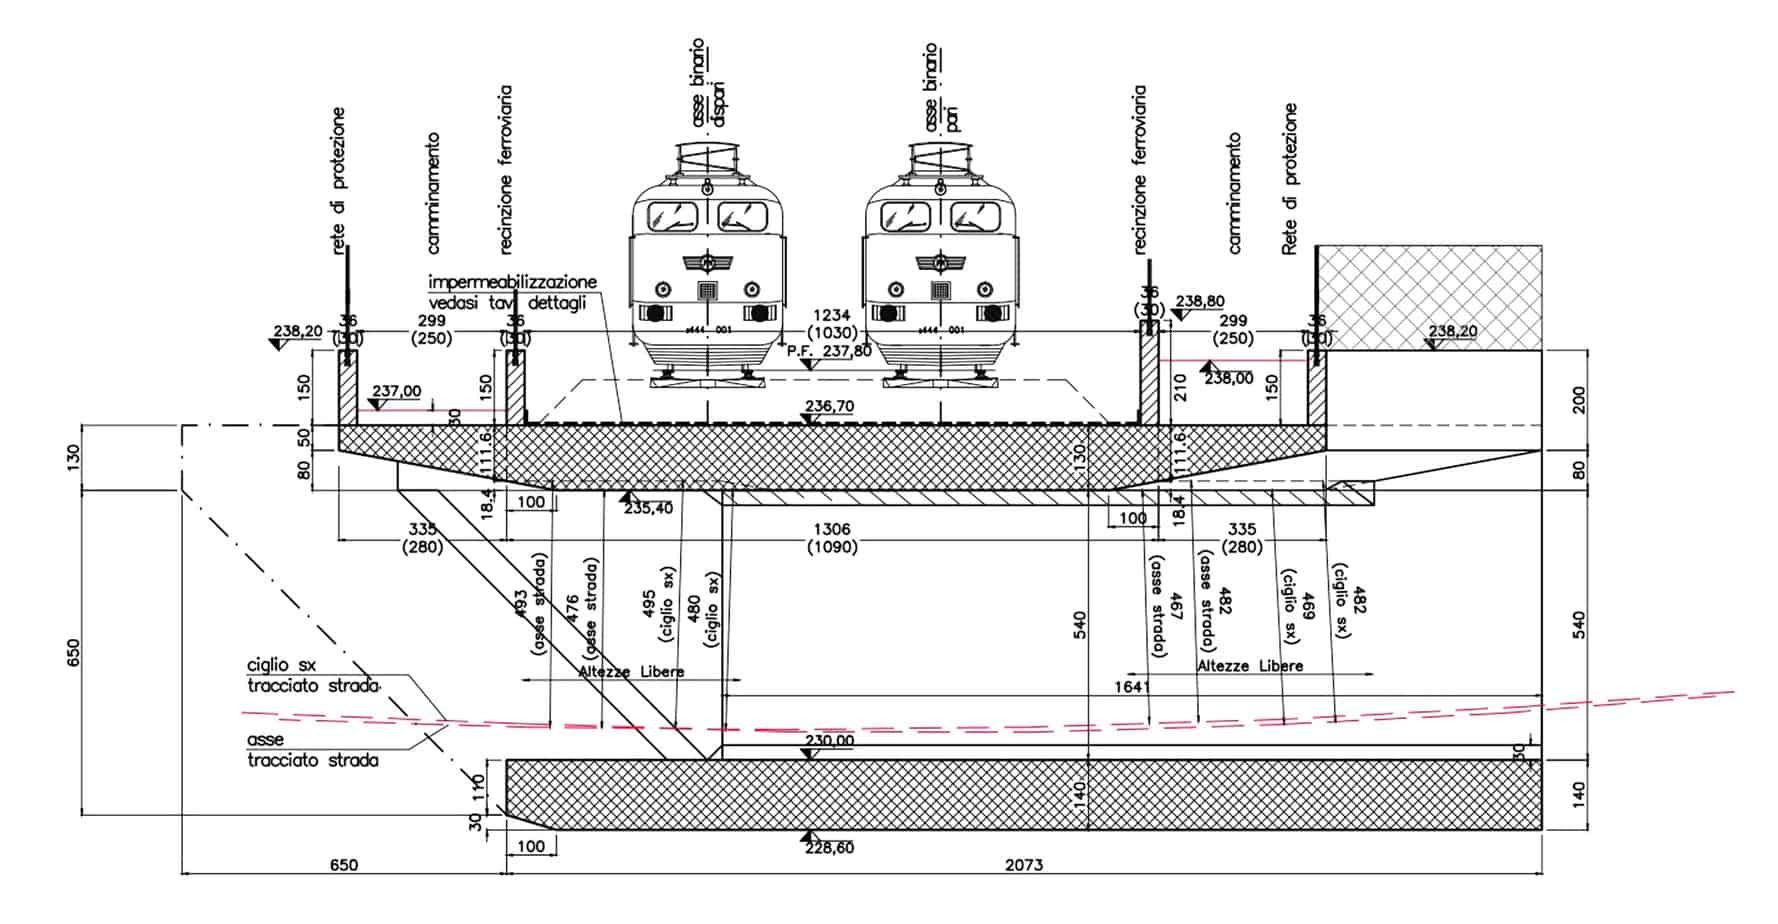 La sezione verticale e longitudinale del monolite (in rosso le livellette dei cigli)